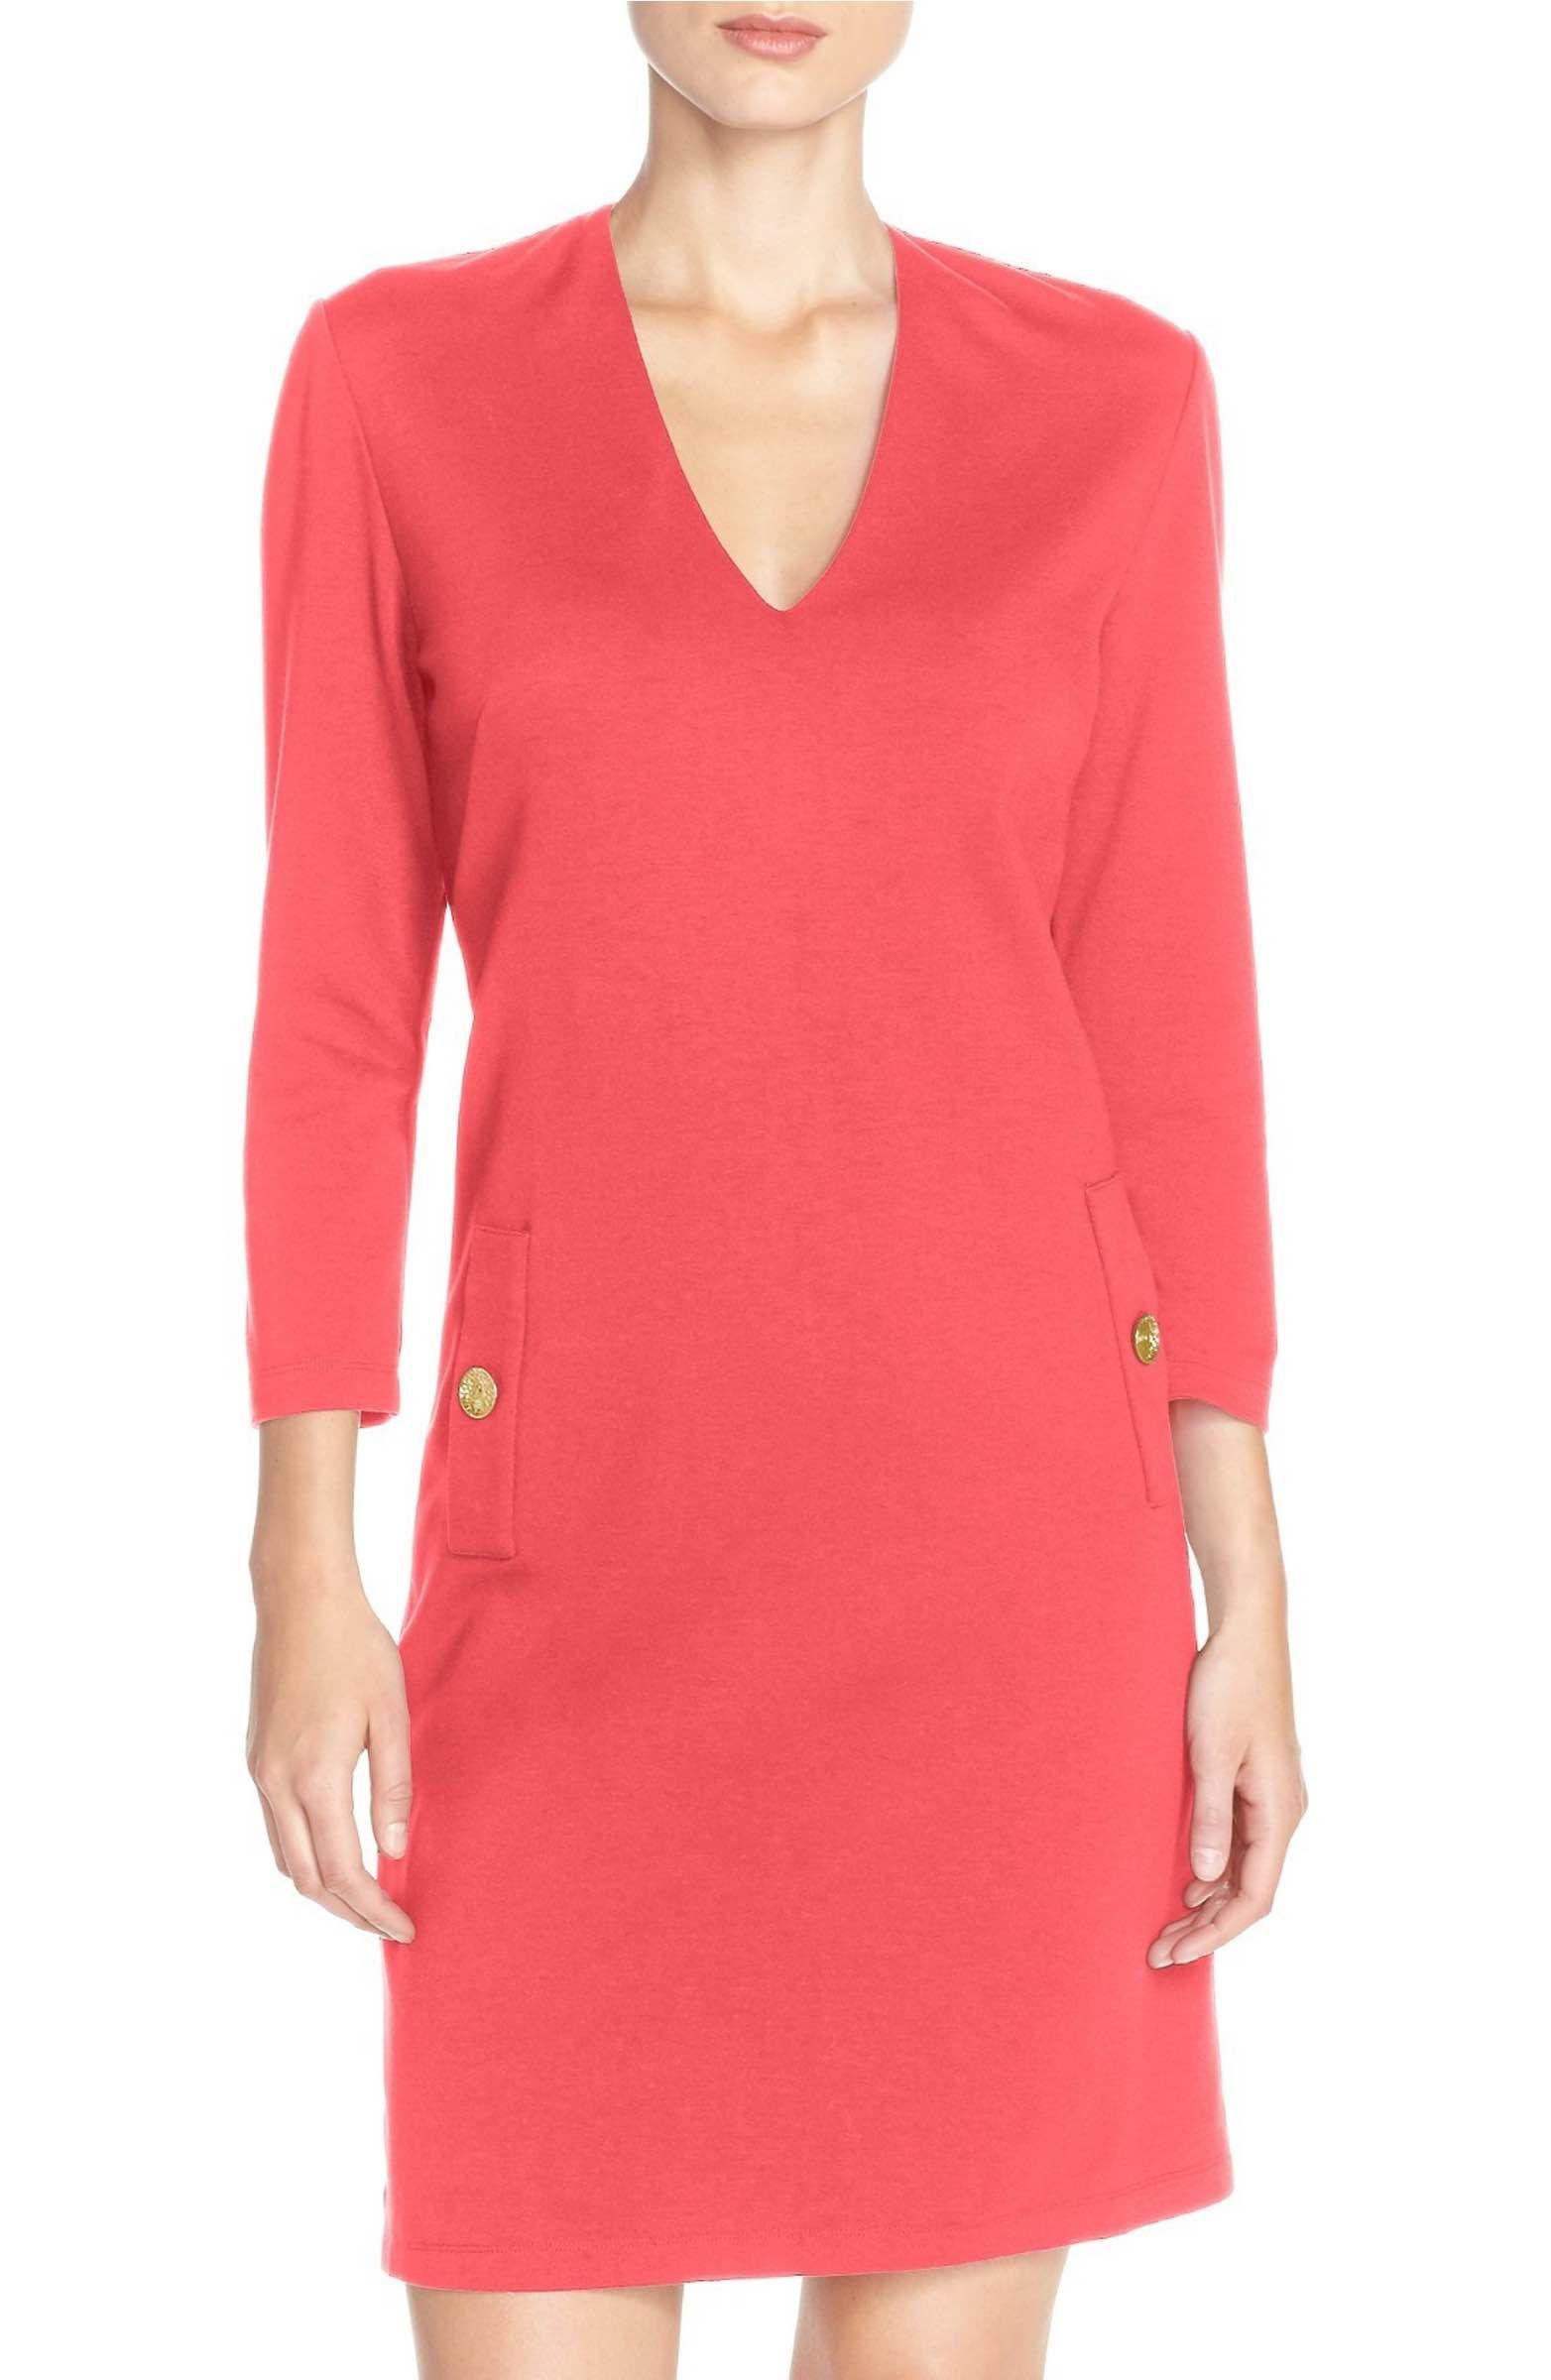 967fdd25 Main Image - Eliza J Button Pockets Ponte A-Line Dress (Regular & Petite)